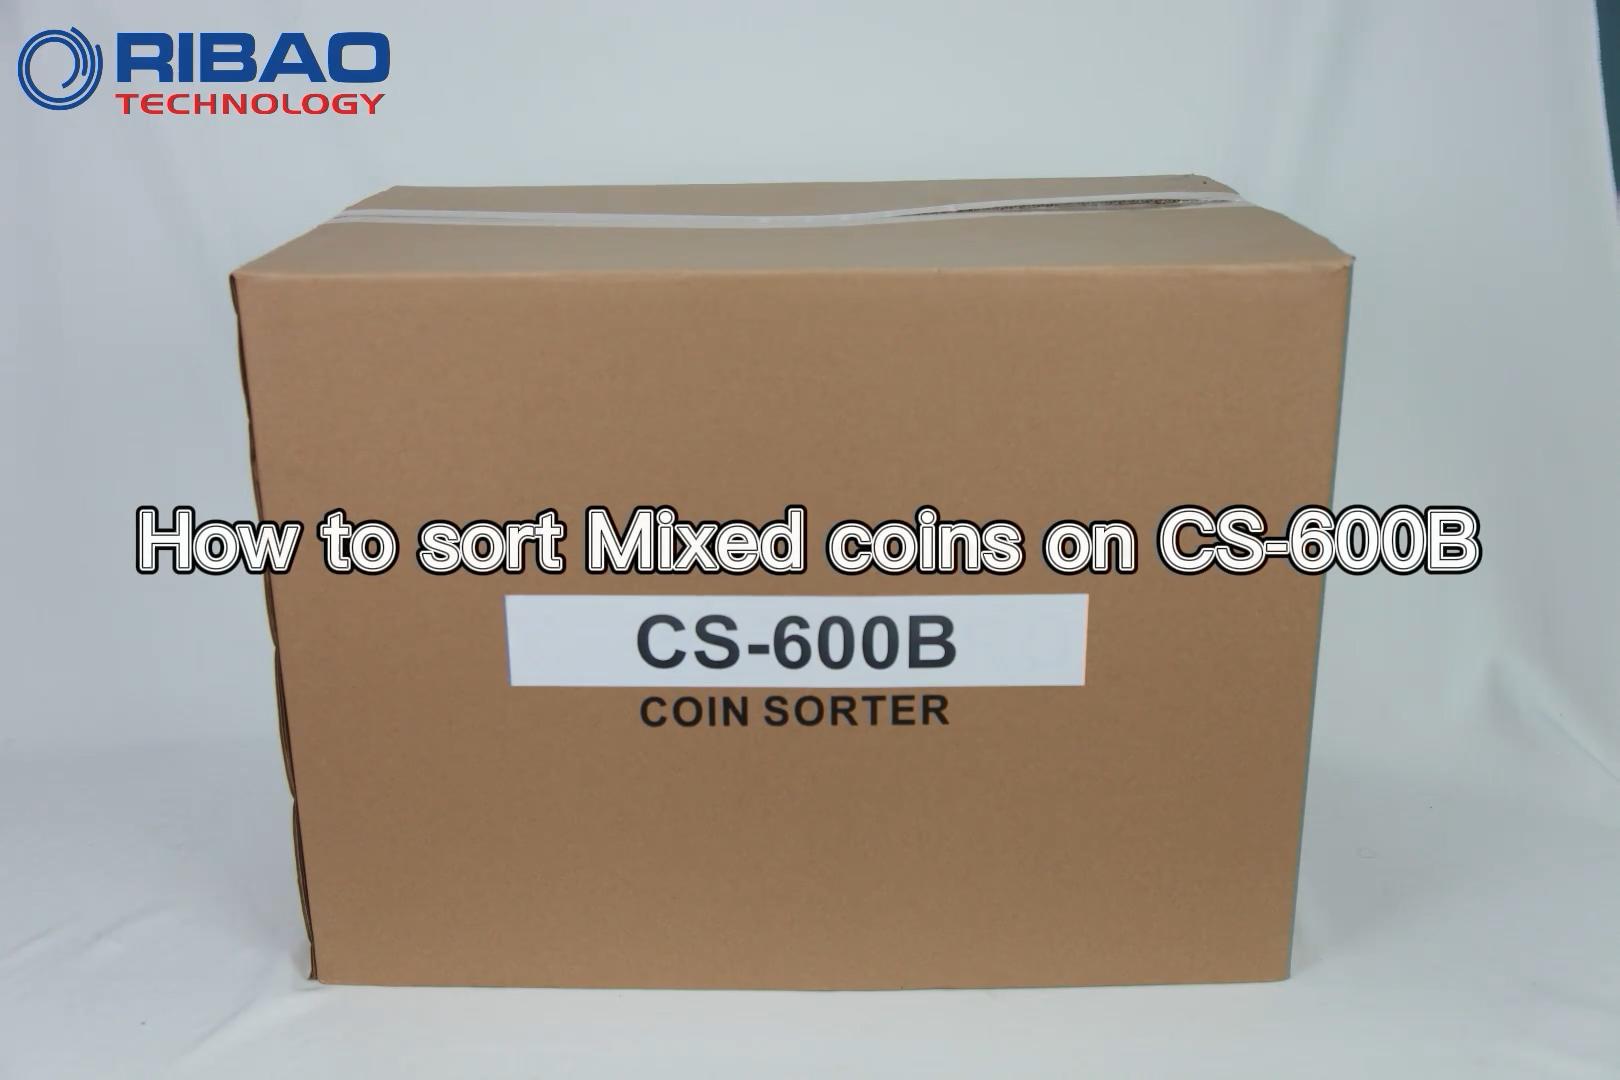 CS-600b'de karışık paralar nasıl sıralanır